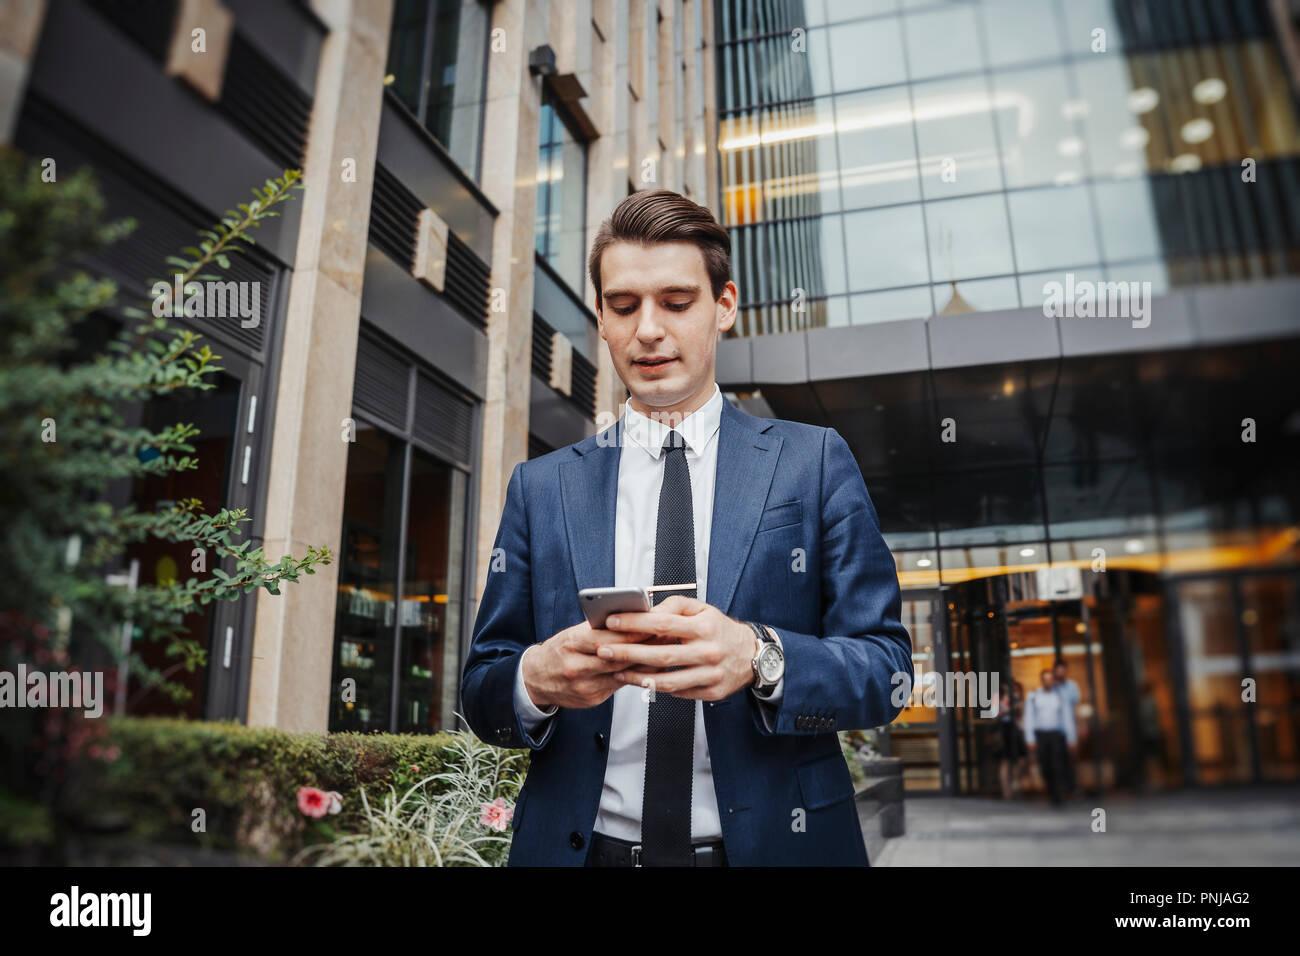 Nahaufnahme von Geschäftsmann neben Wolkenkratzer auf dem Bildschirm des Mobiltelefons. Stockbild